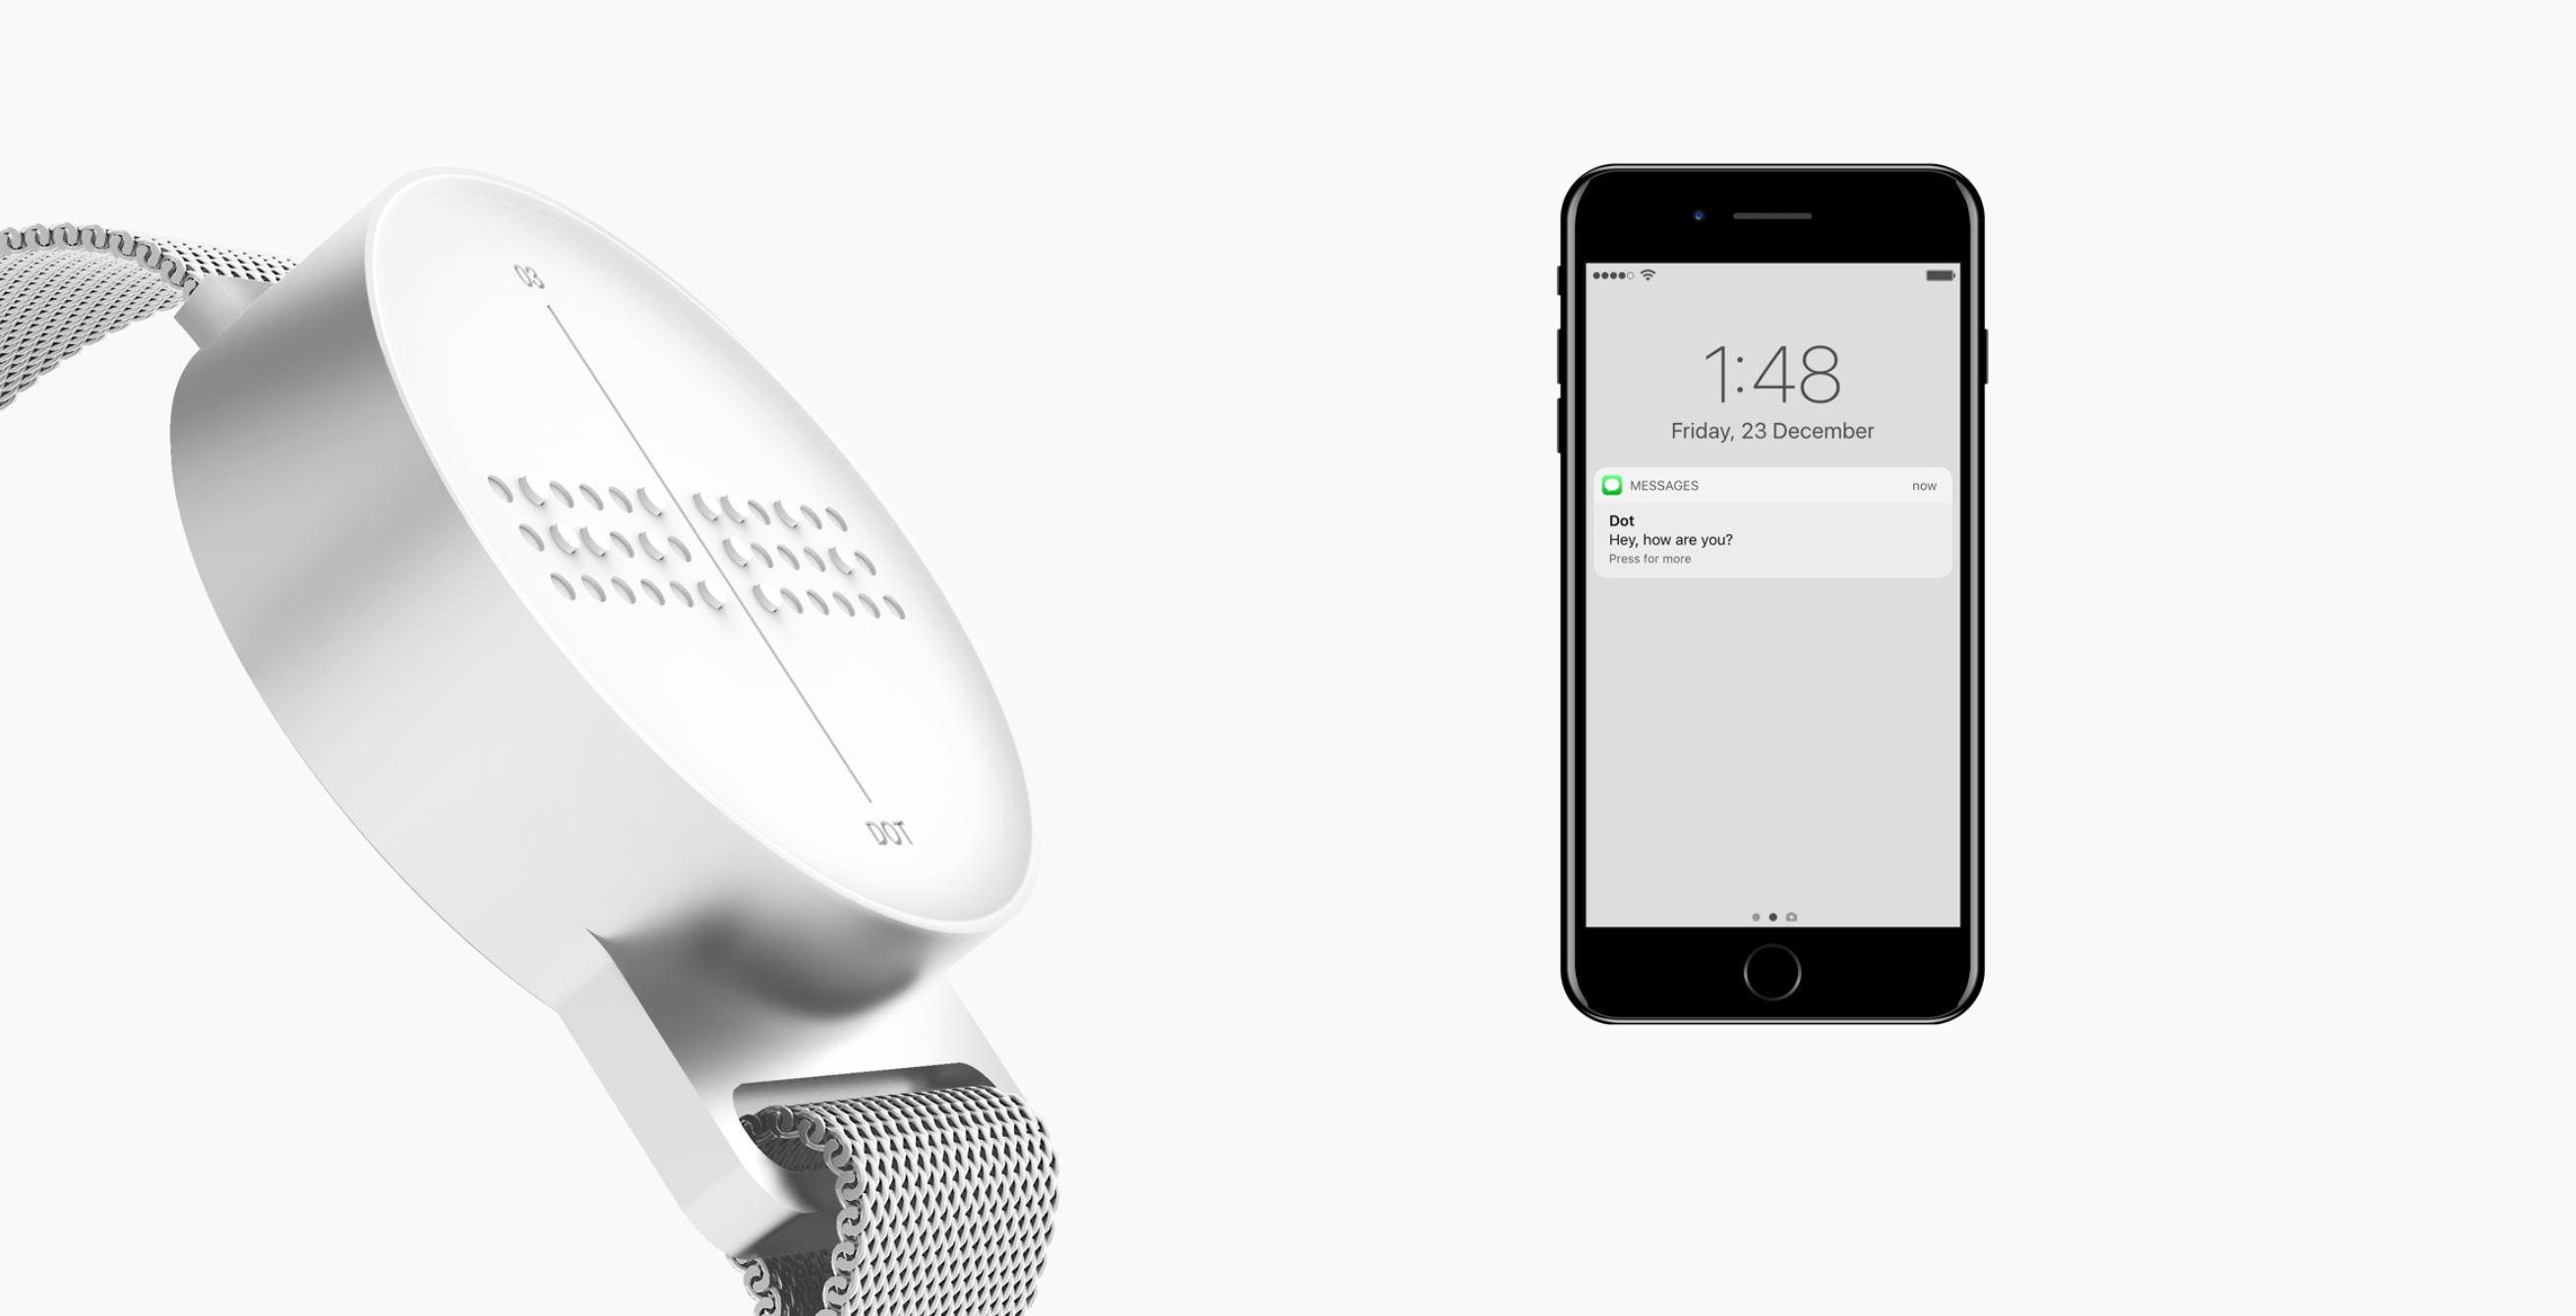 Bild 2: Eine Smartwatch mit erhobener 3-D Brailleschrift ist zu sehen. Daneben eine Smartphone.